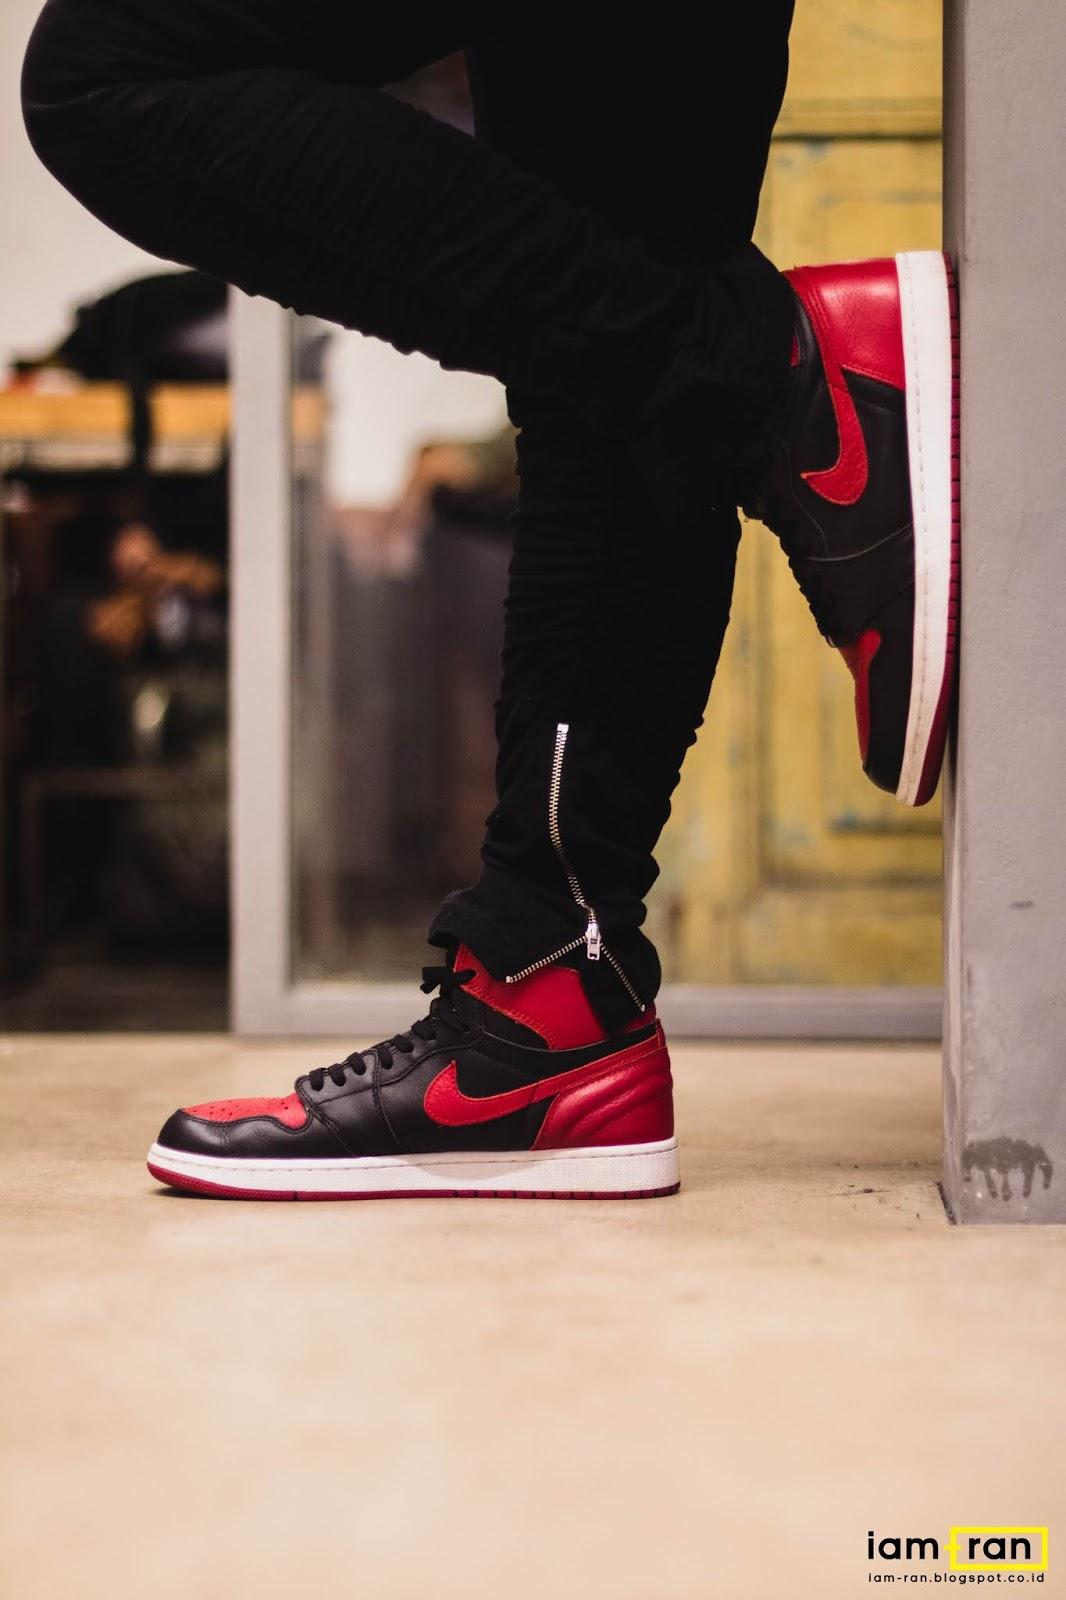 abf1913fab9 Sneakers : Nike Air Jordan 1